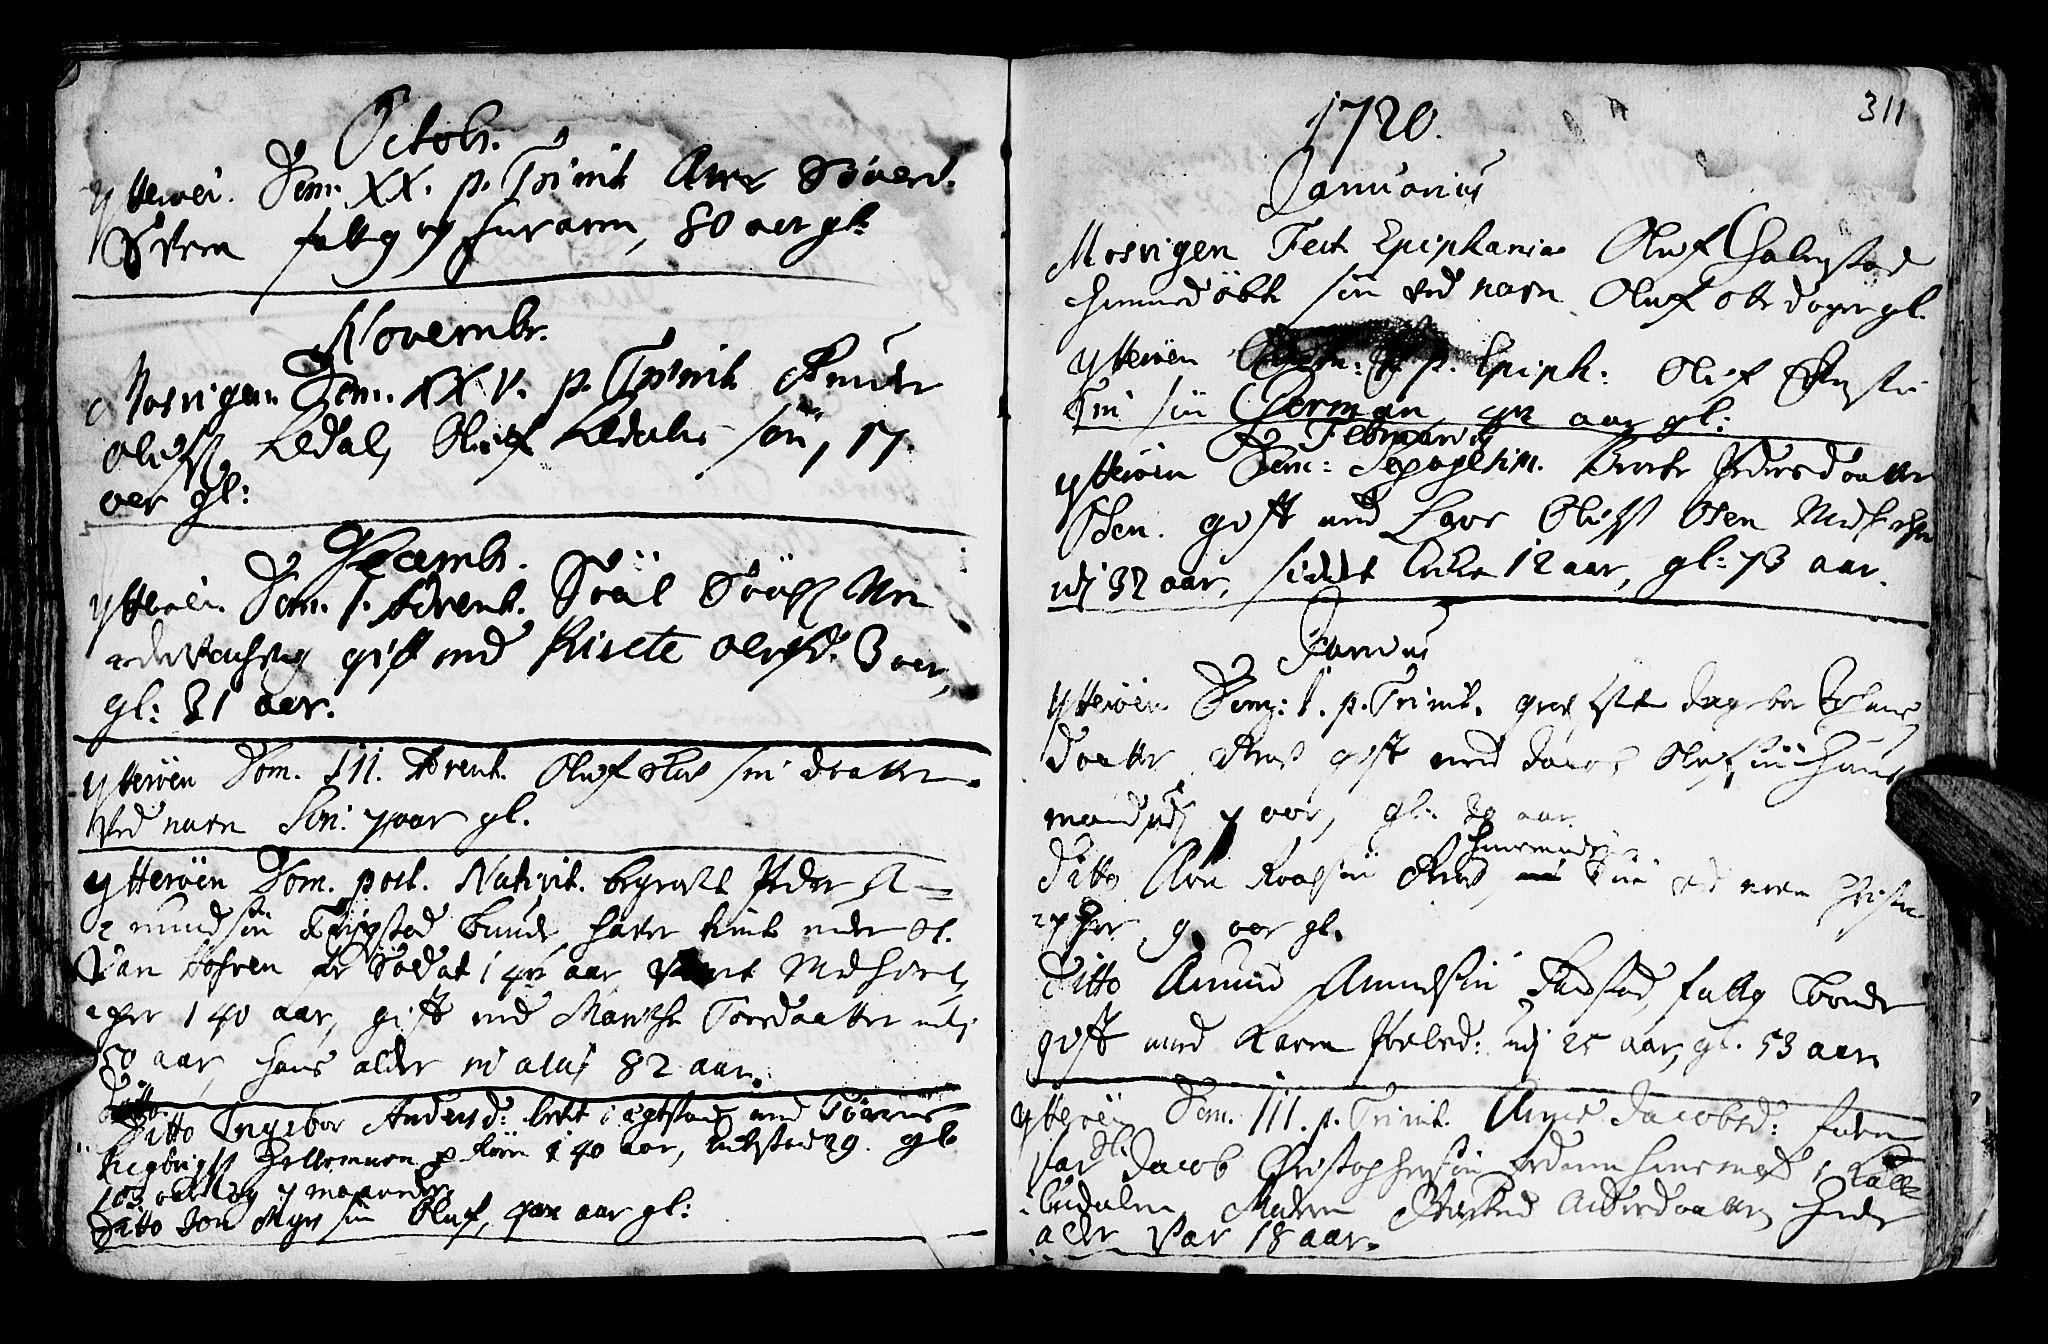 SAT, Ministerialprotokoller, klokkerbøker og fødselsregistre - Nord-Trøndelag, 722/L0215: Ministerialbok nr. 722A02, 1718-1755, s. 311